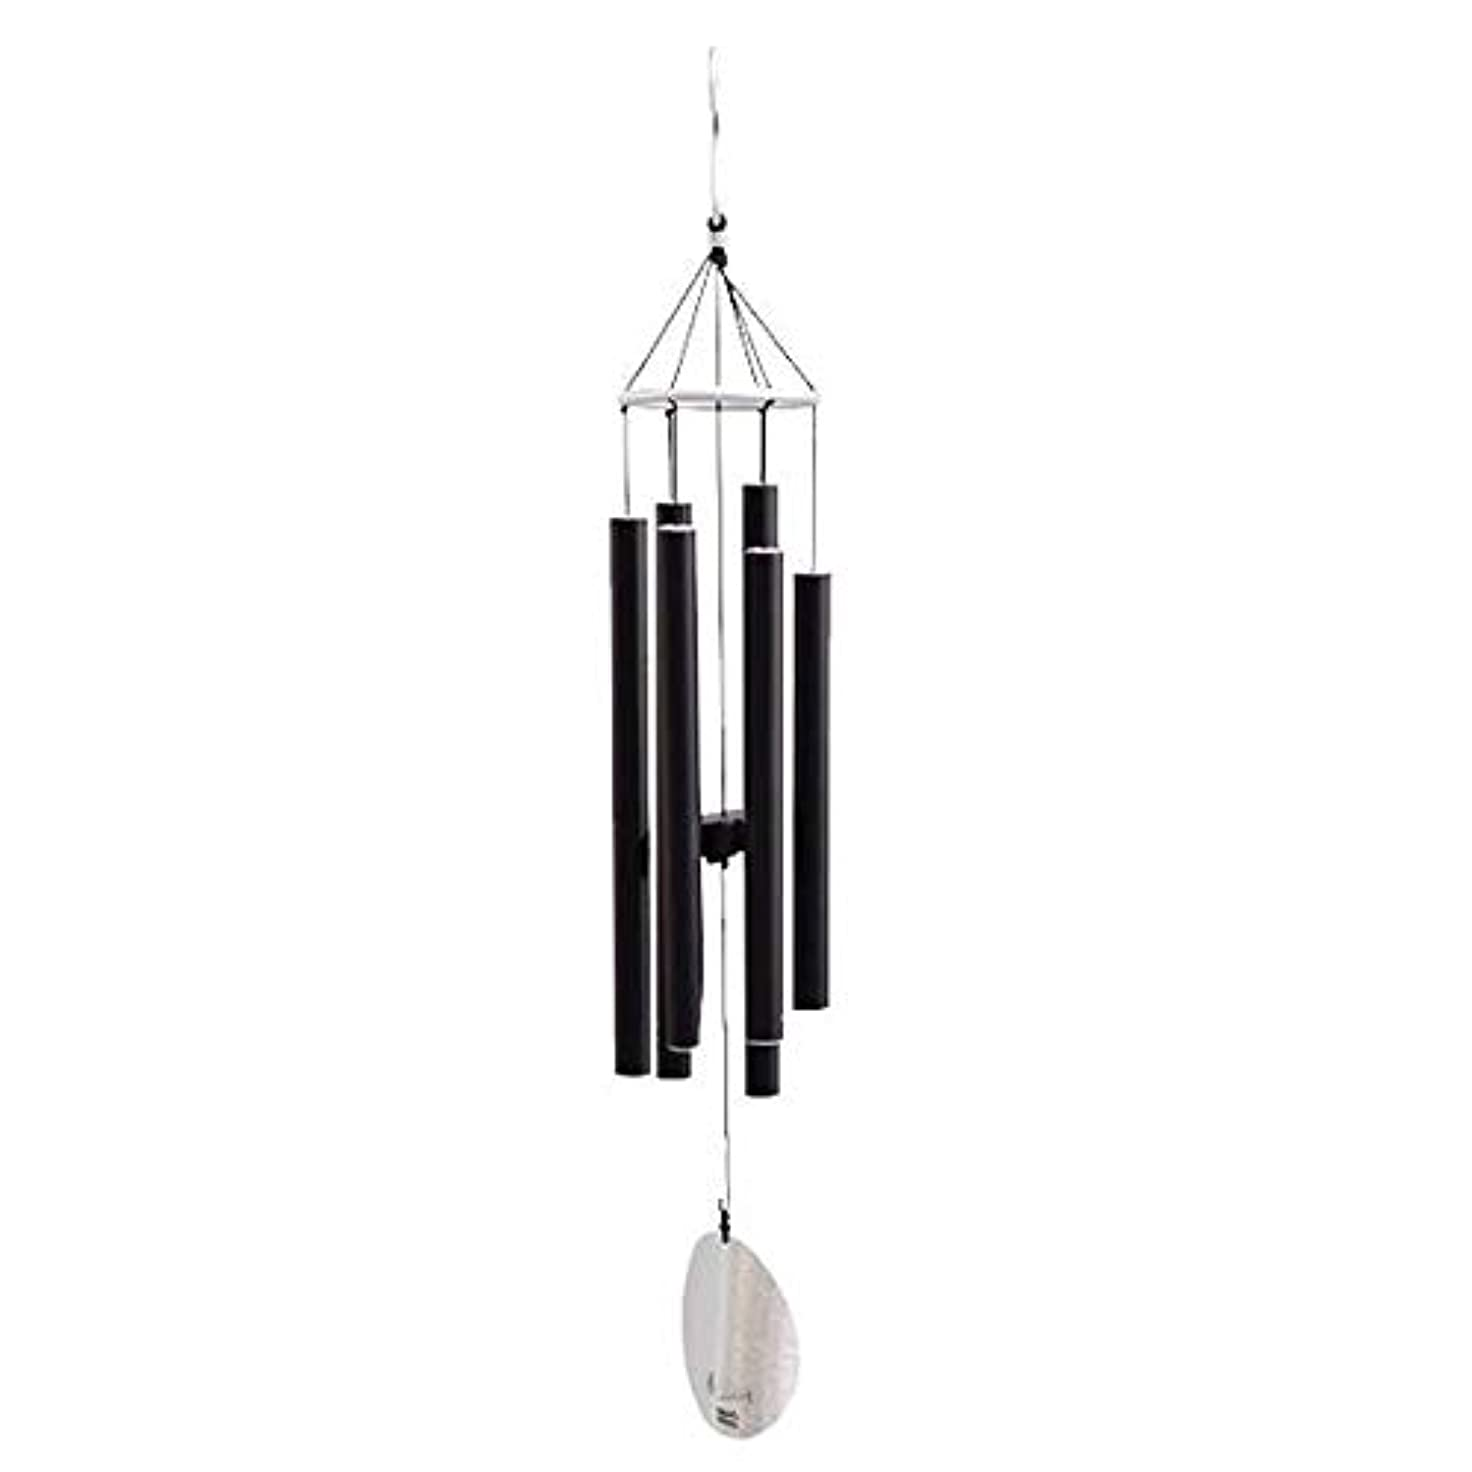 怒りそれによって時々時々Qiyuezhuangshi 風チャイム、メタル肥厚6チューブ風の鐘、ブラック、全身について77CM,美しいホリデーギフト (Color : Black)